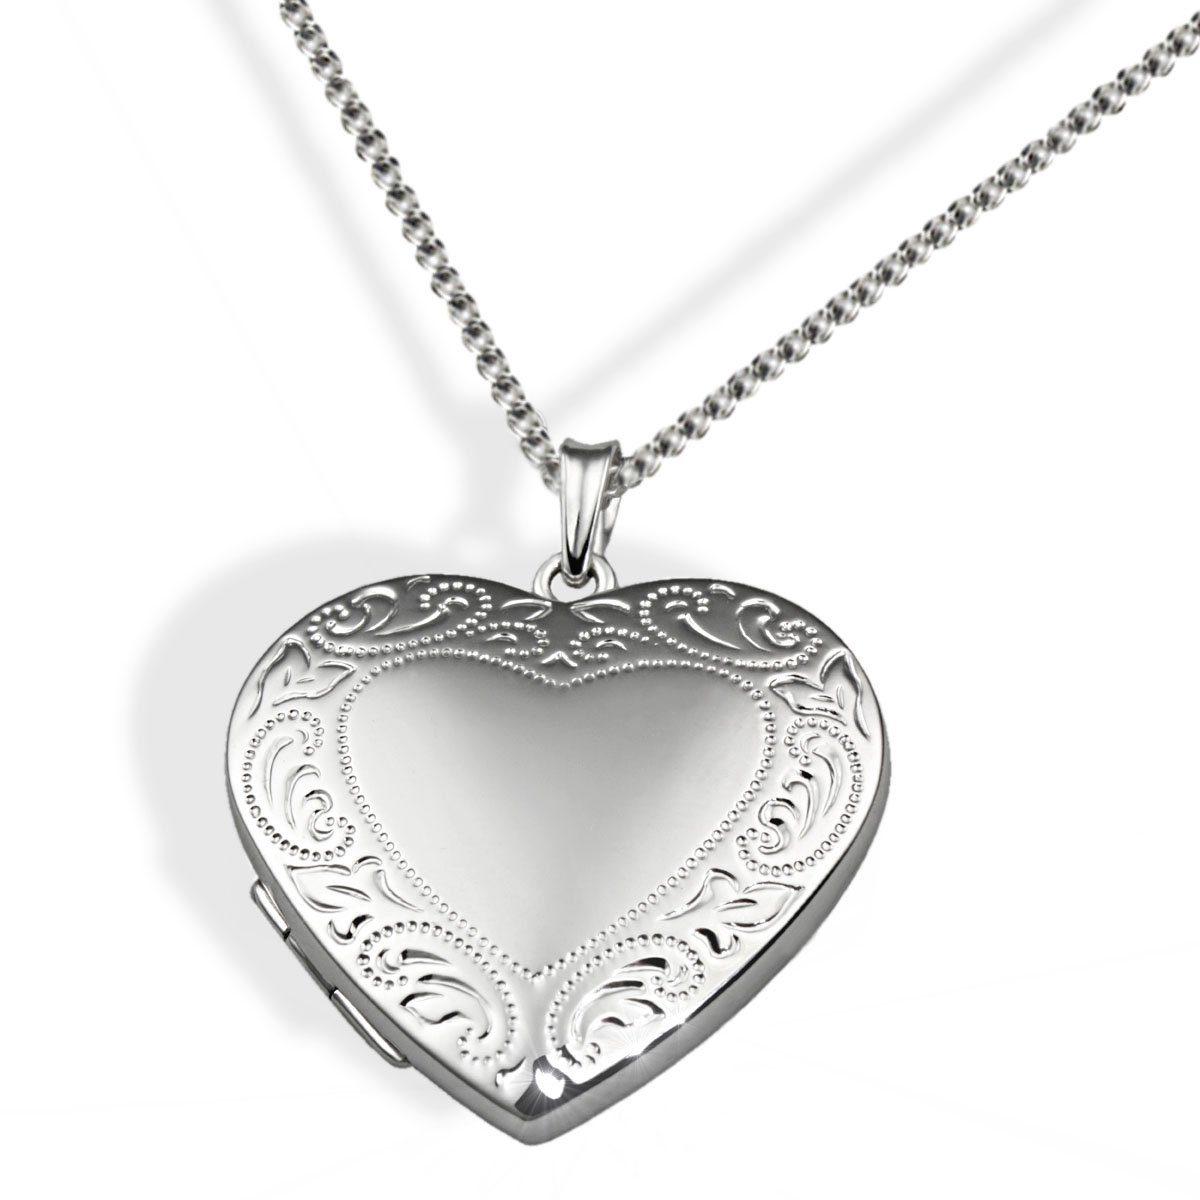 Averdin Collier Silber 925/- Medallion Herz mit Muster